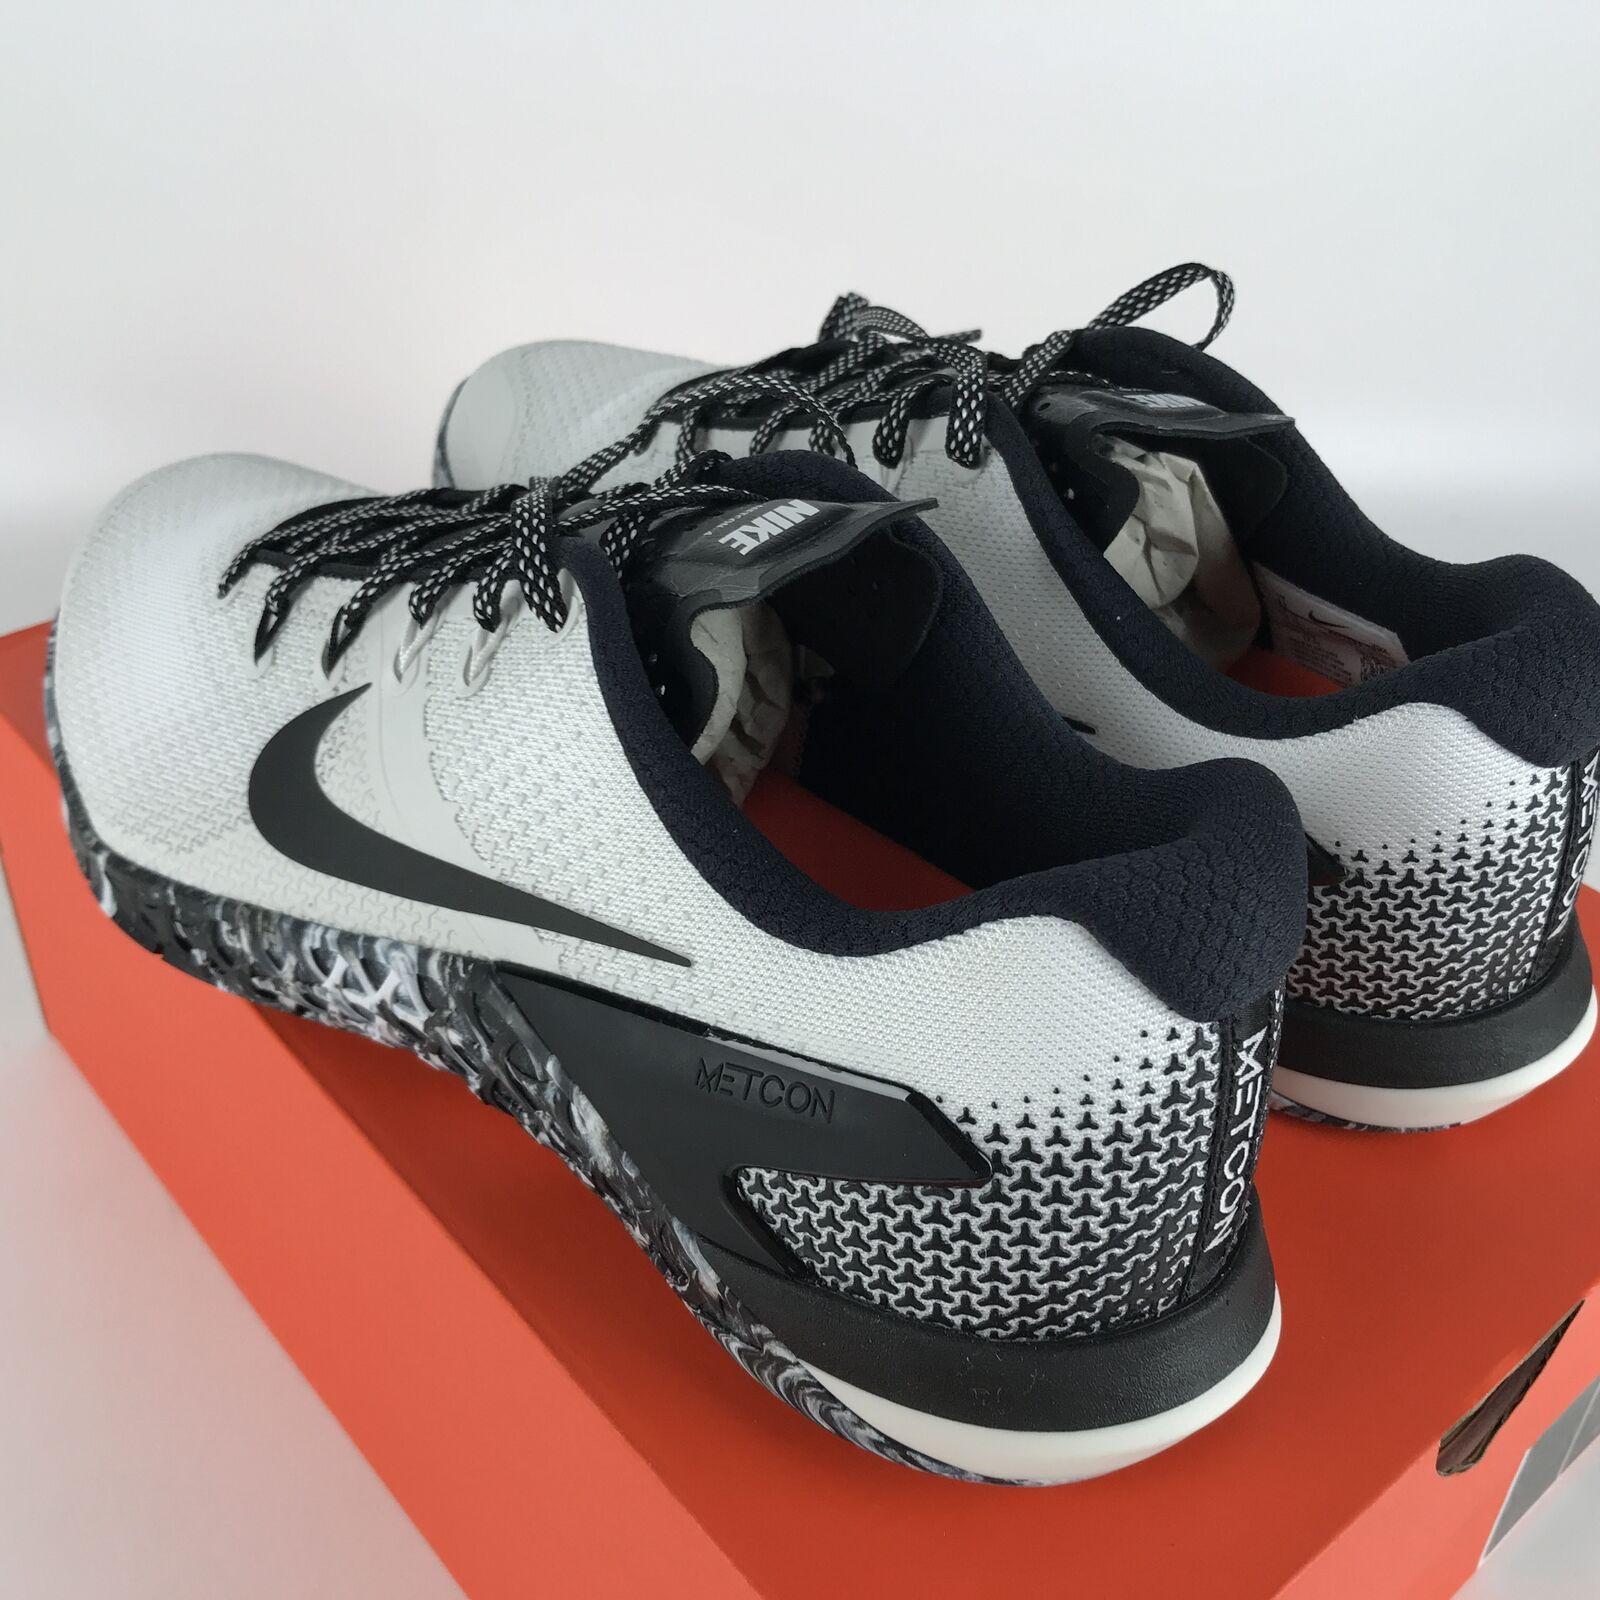 Nike Metcon 4 Running Shoes 11 White/Black-Sail AH7453 101 image 4